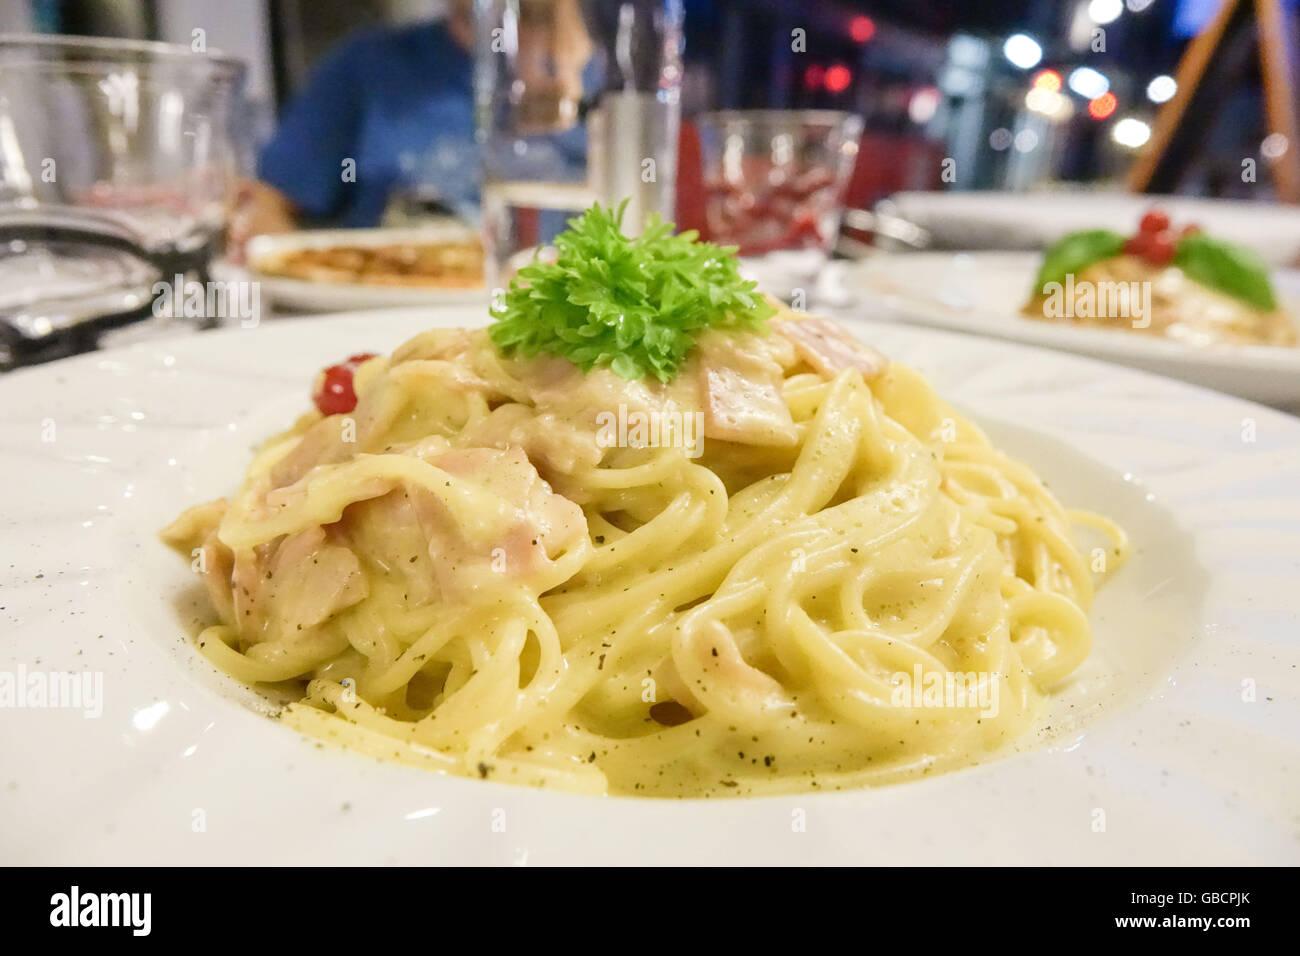 Spaghetti alla carbonara - cibo italiano in una pizzeria Immagini Stock